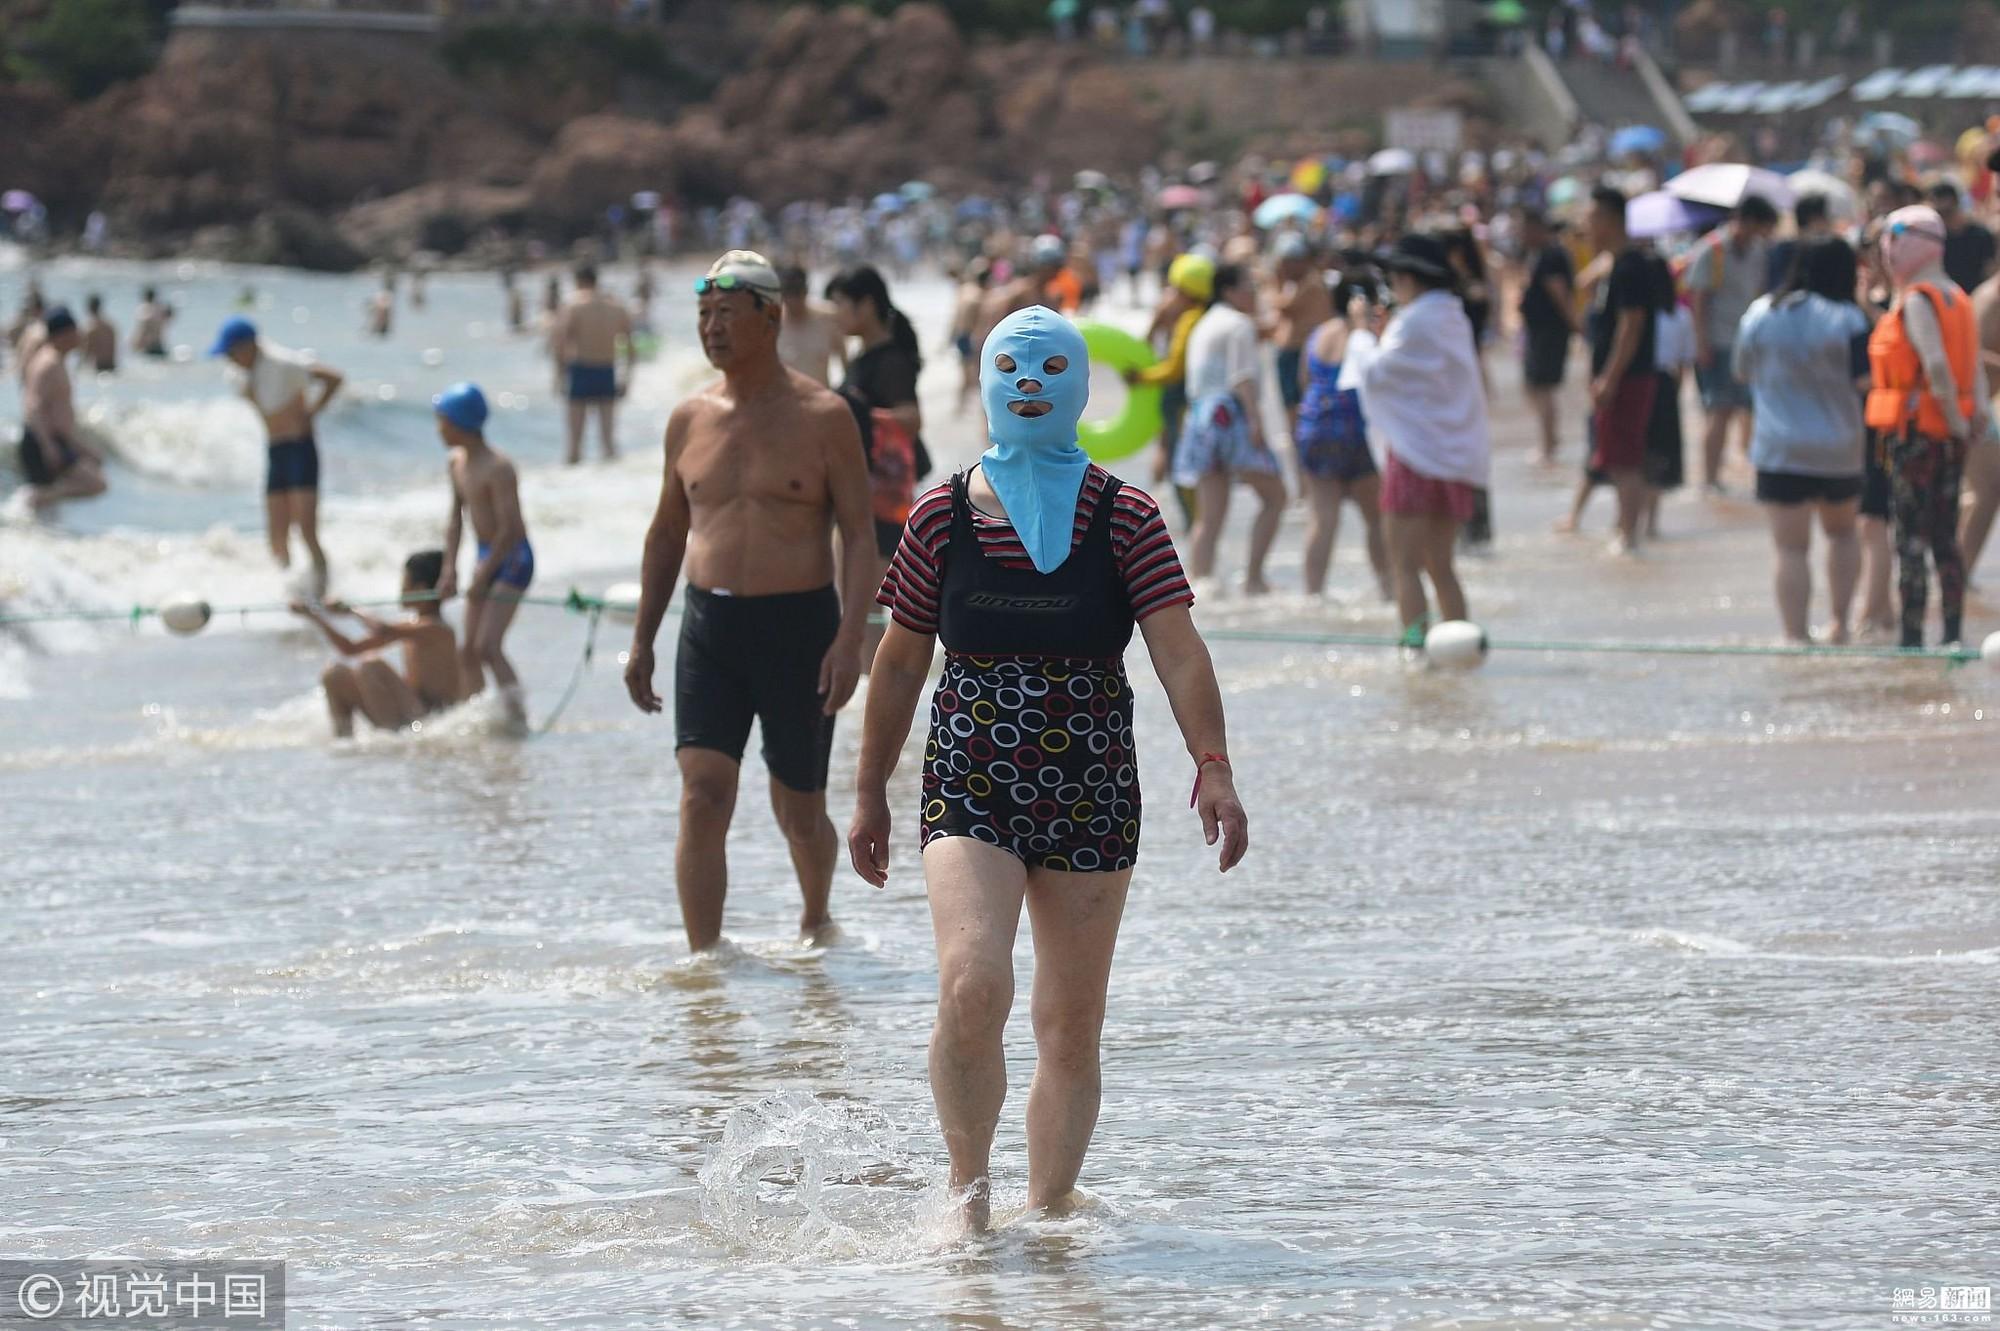 Đến hẹn lại lên, các bãi biển Trung Quốc nở rộ áo tắm Ninja đi nghỉ mát của 500 chị em sợ cháy nắng - Ảnh 3.